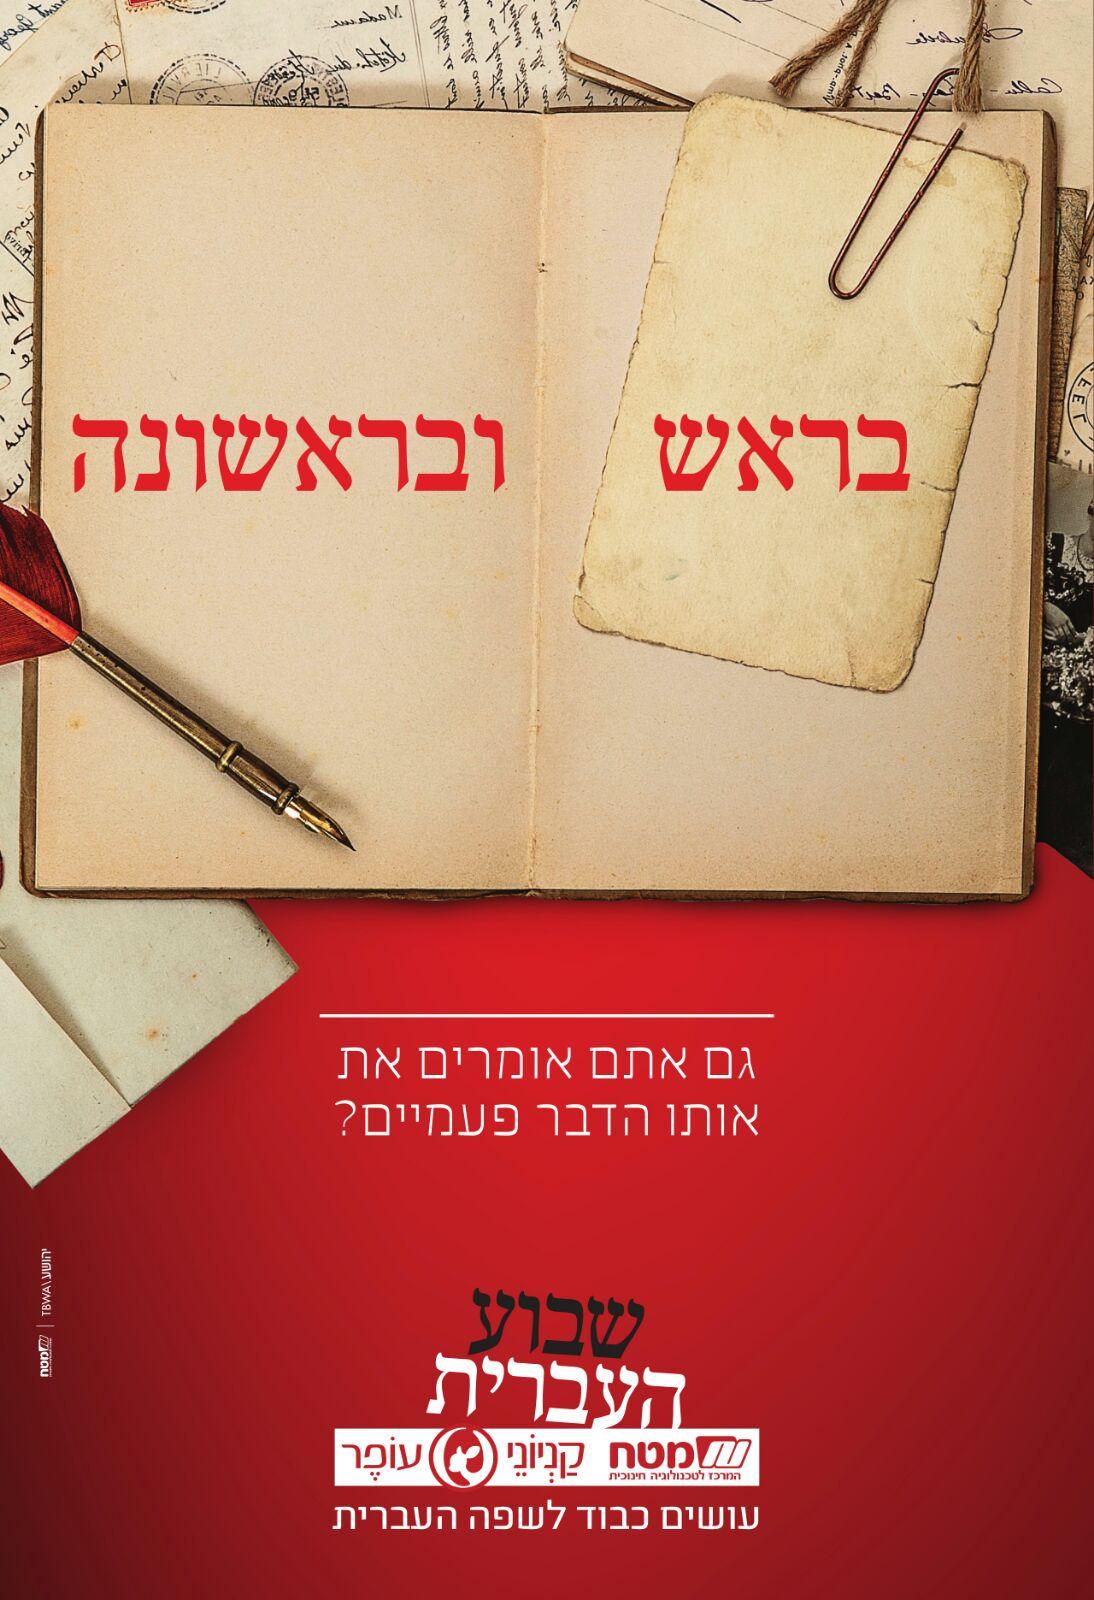 מסע פרסומי המציג את הצדדים המשעשעים של השפה העברית 14